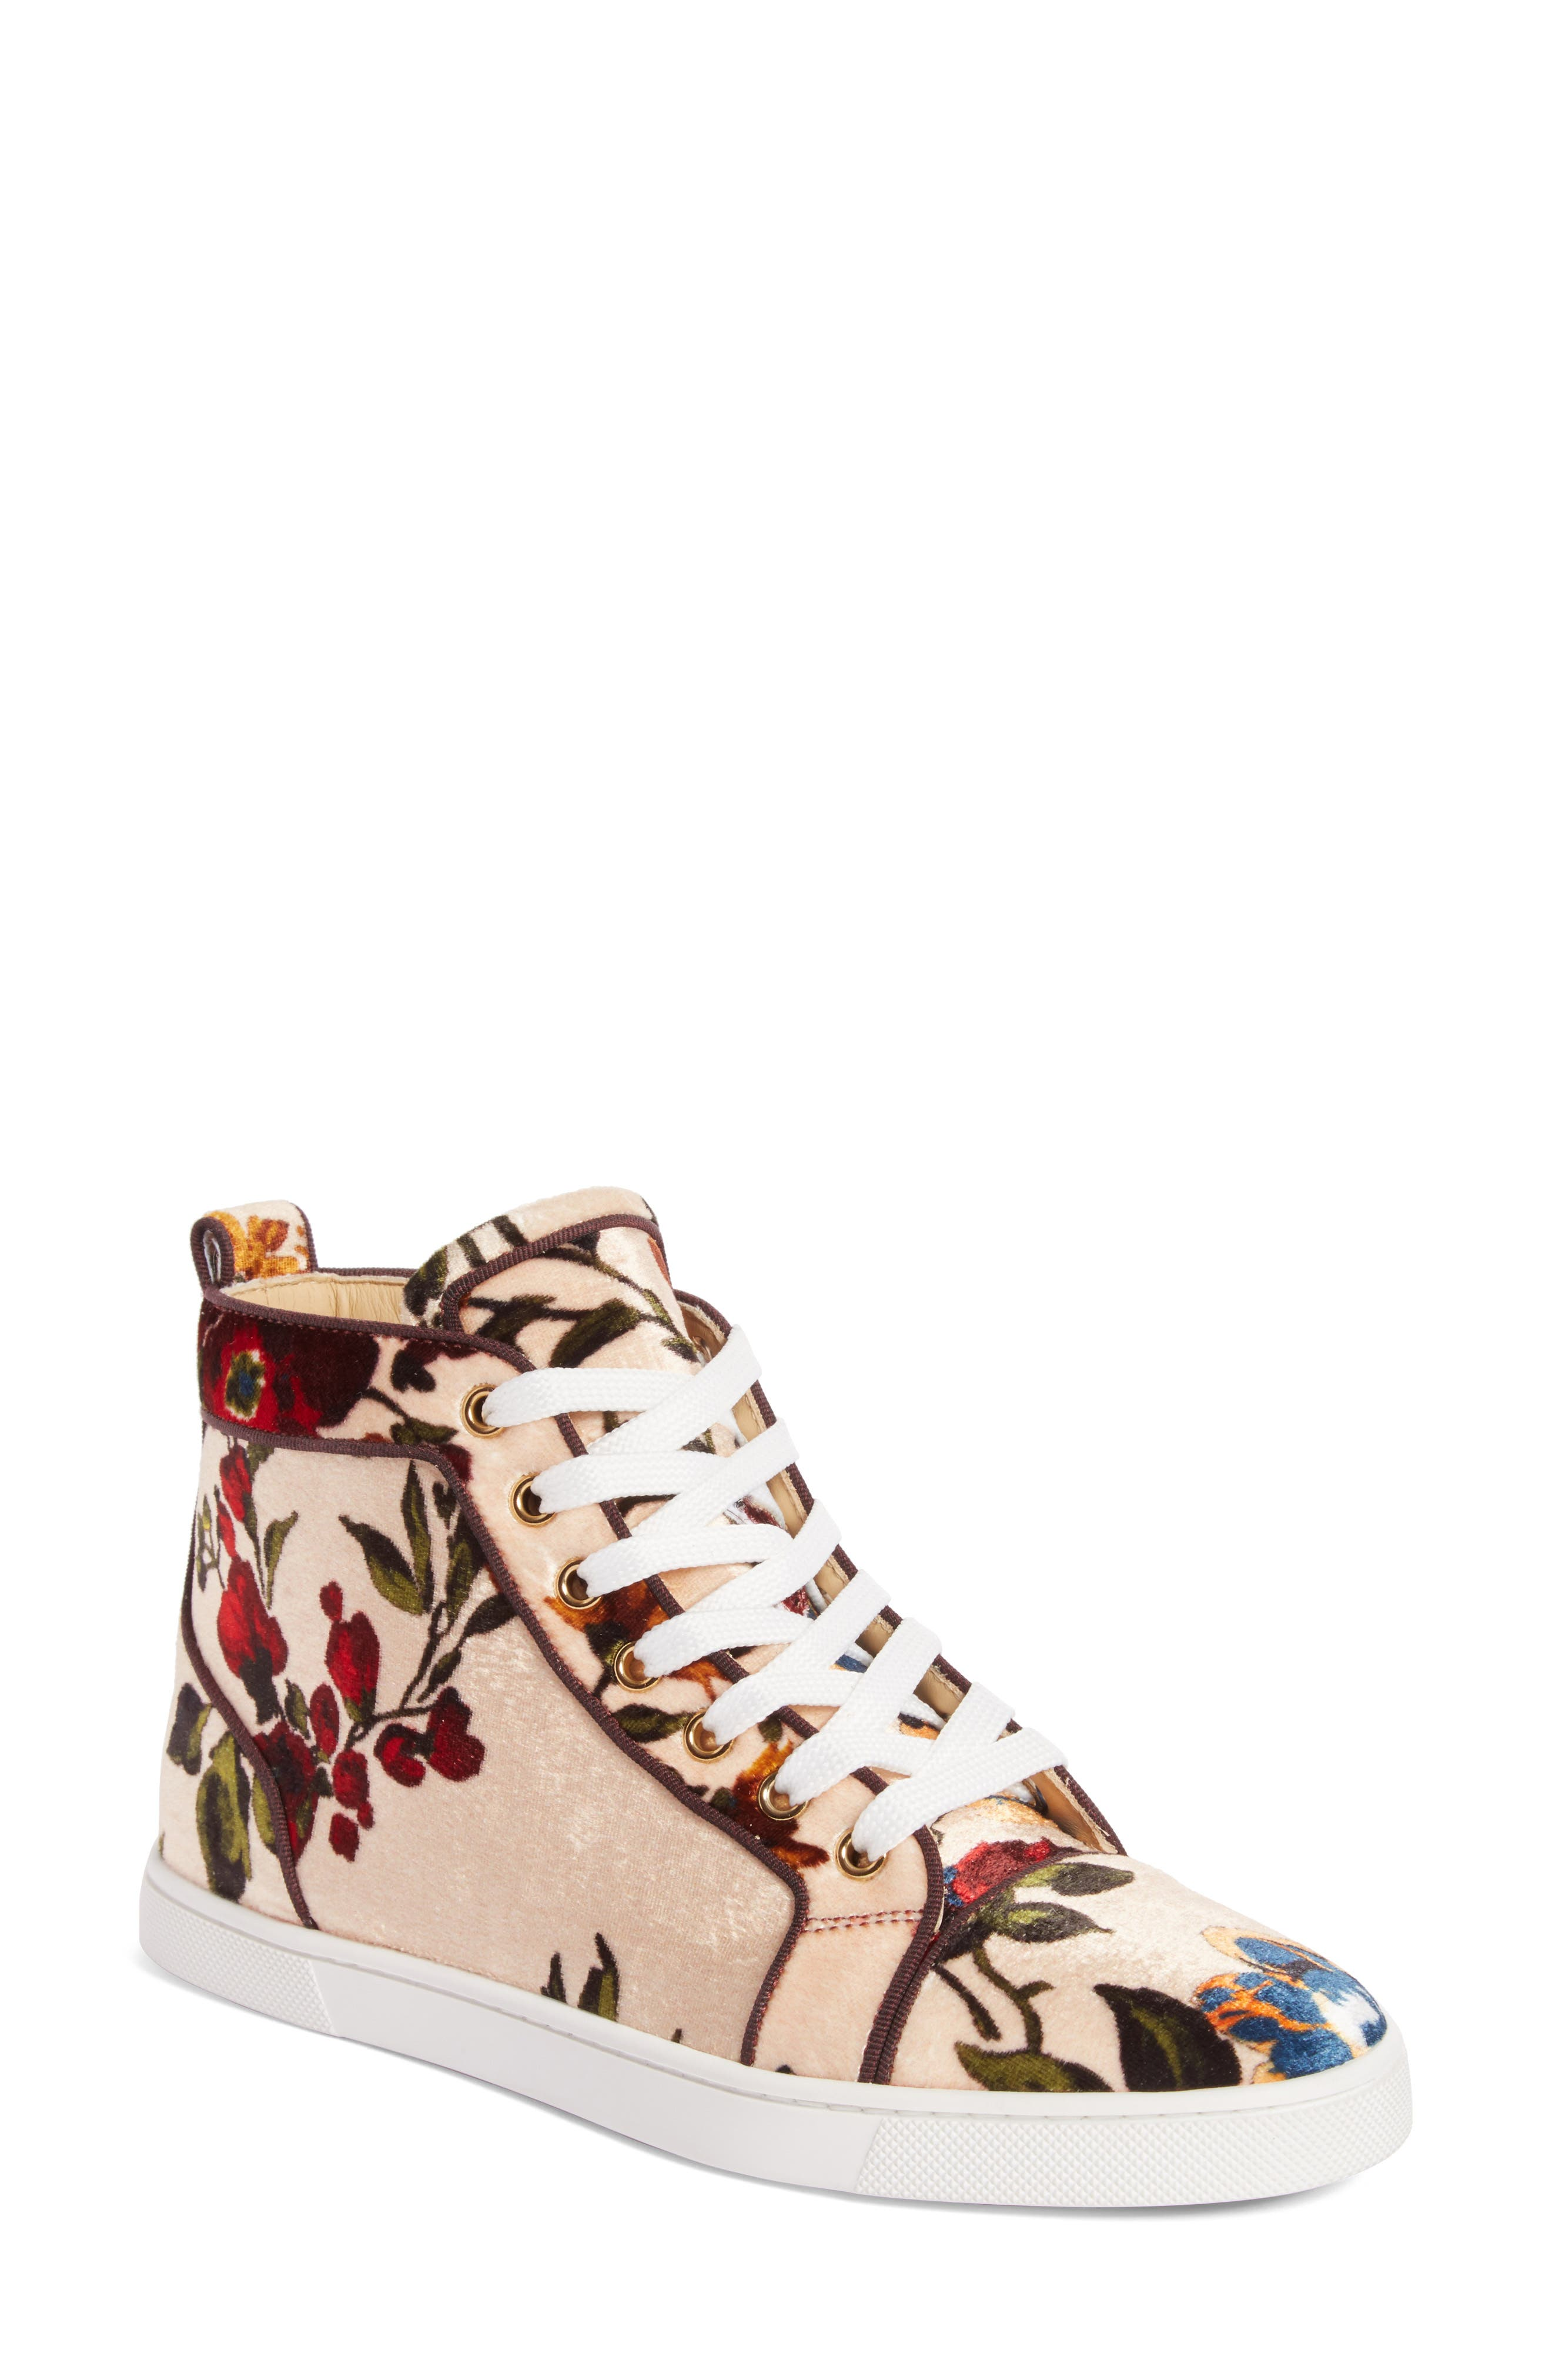 Christian Louboutin Bip Bip Floral Sneaker (Women)